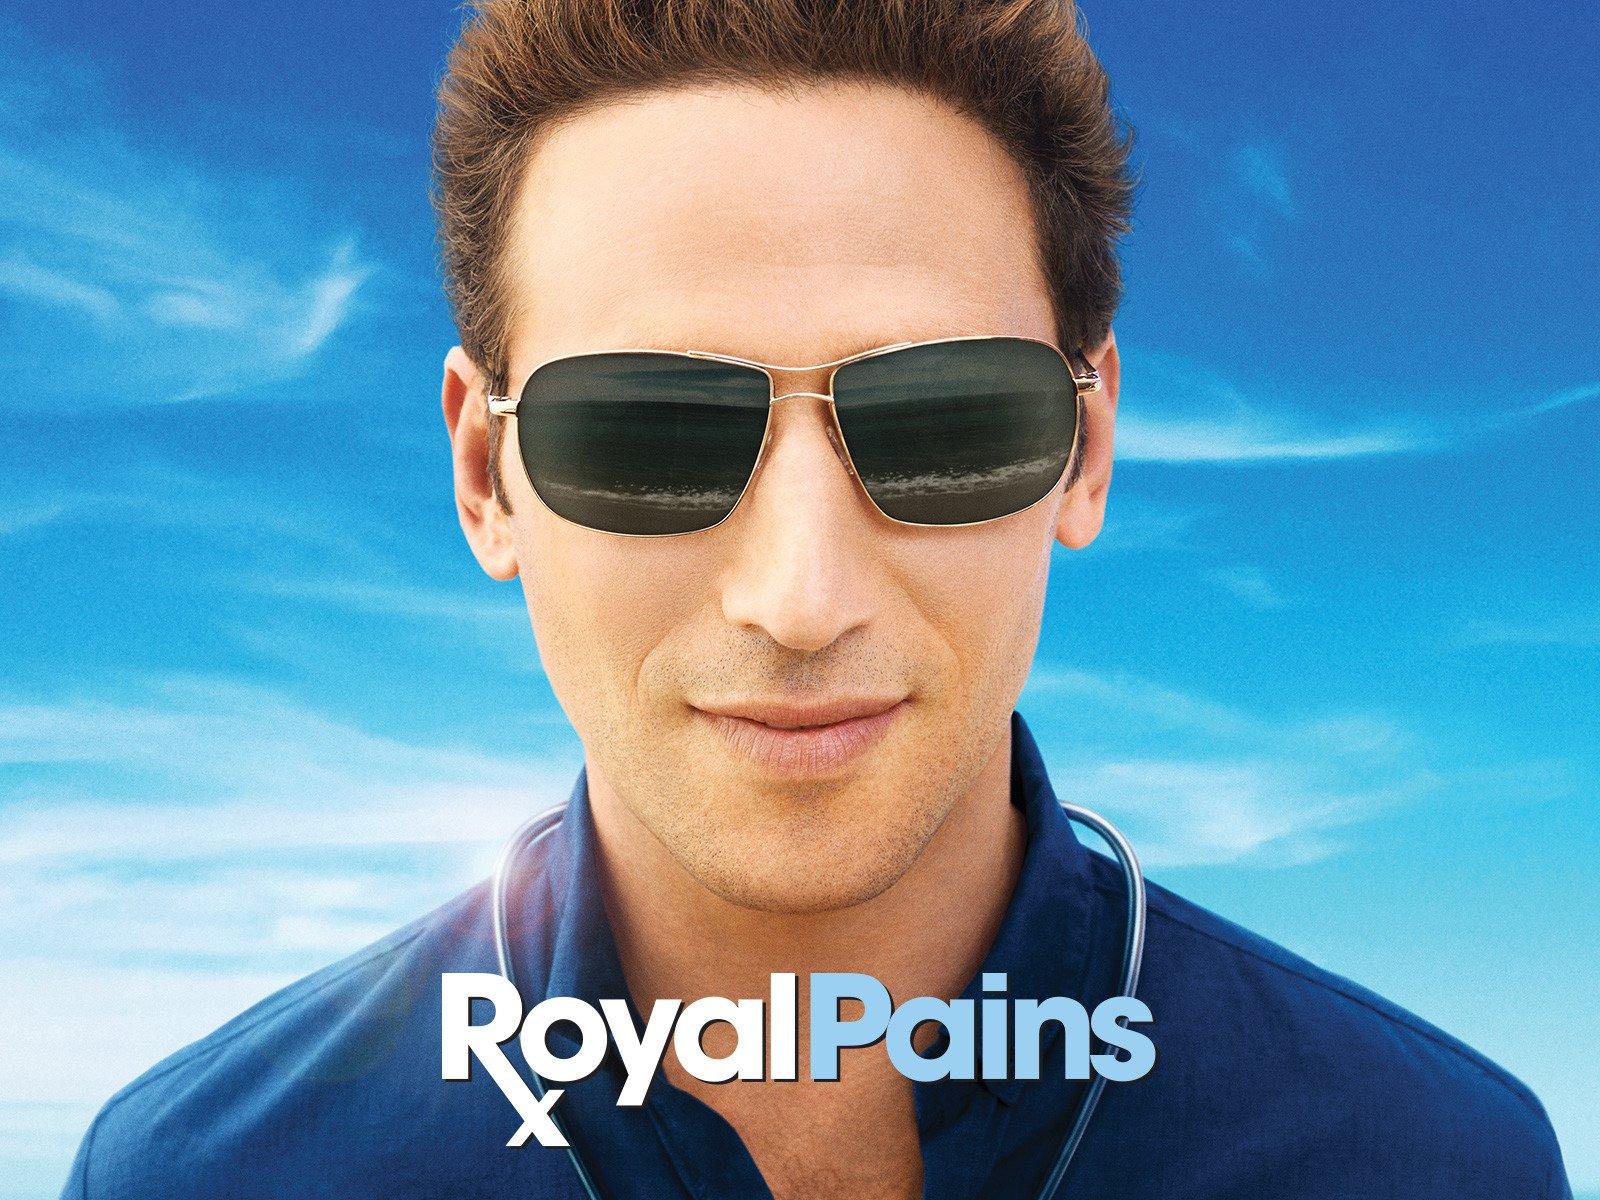 Royal Pains Season 6 - Season 6